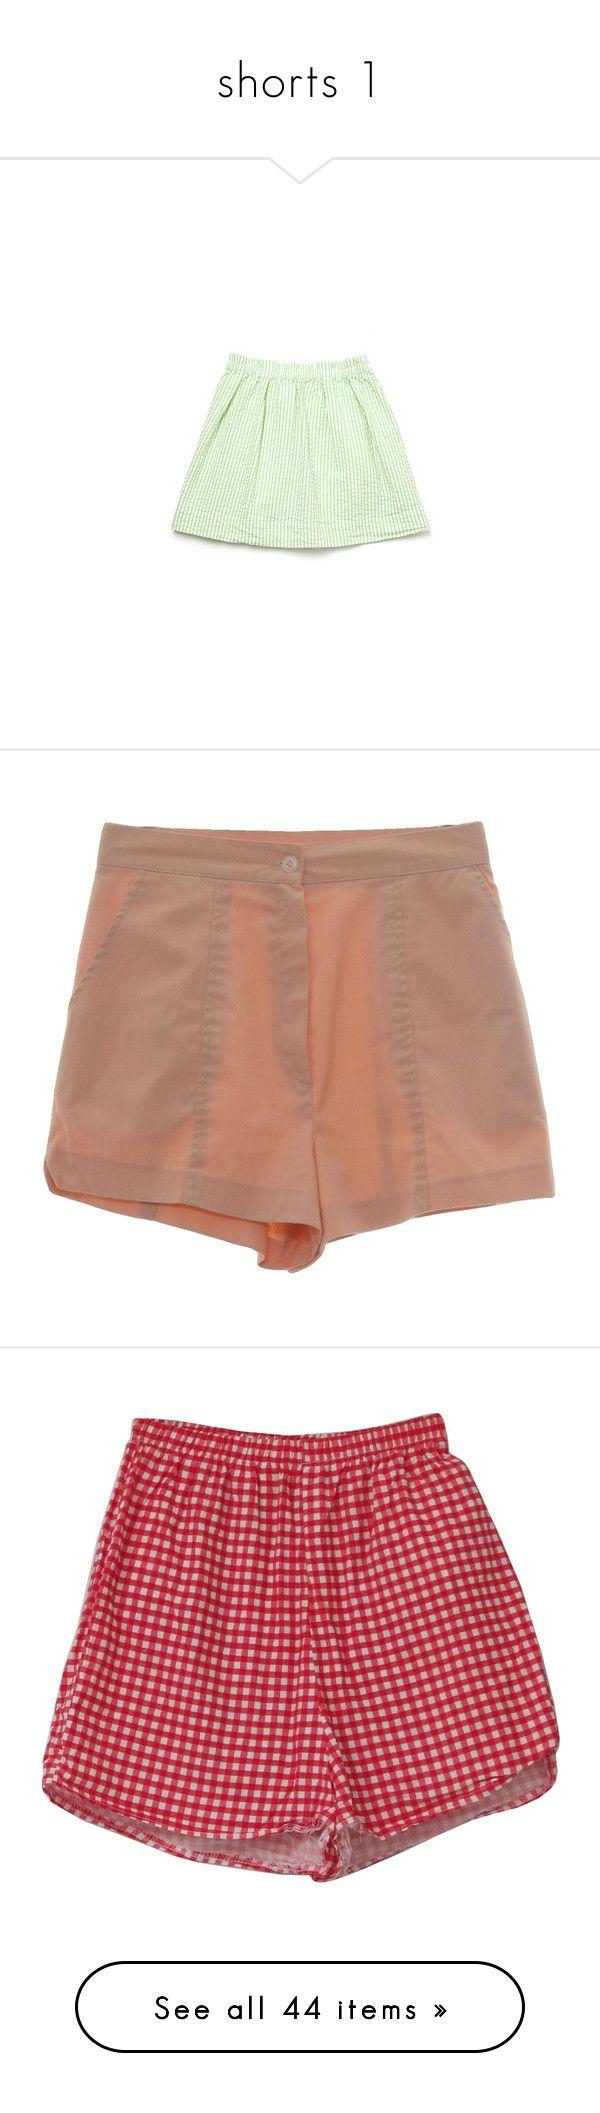 """""""shorts 1"""" by analufs1 on Polyvore featuring skirts, bottoms, saias, clothing - skirts, women, steven alan, elastic waist skirt, green skirt, seersucker skirt e shorts"""